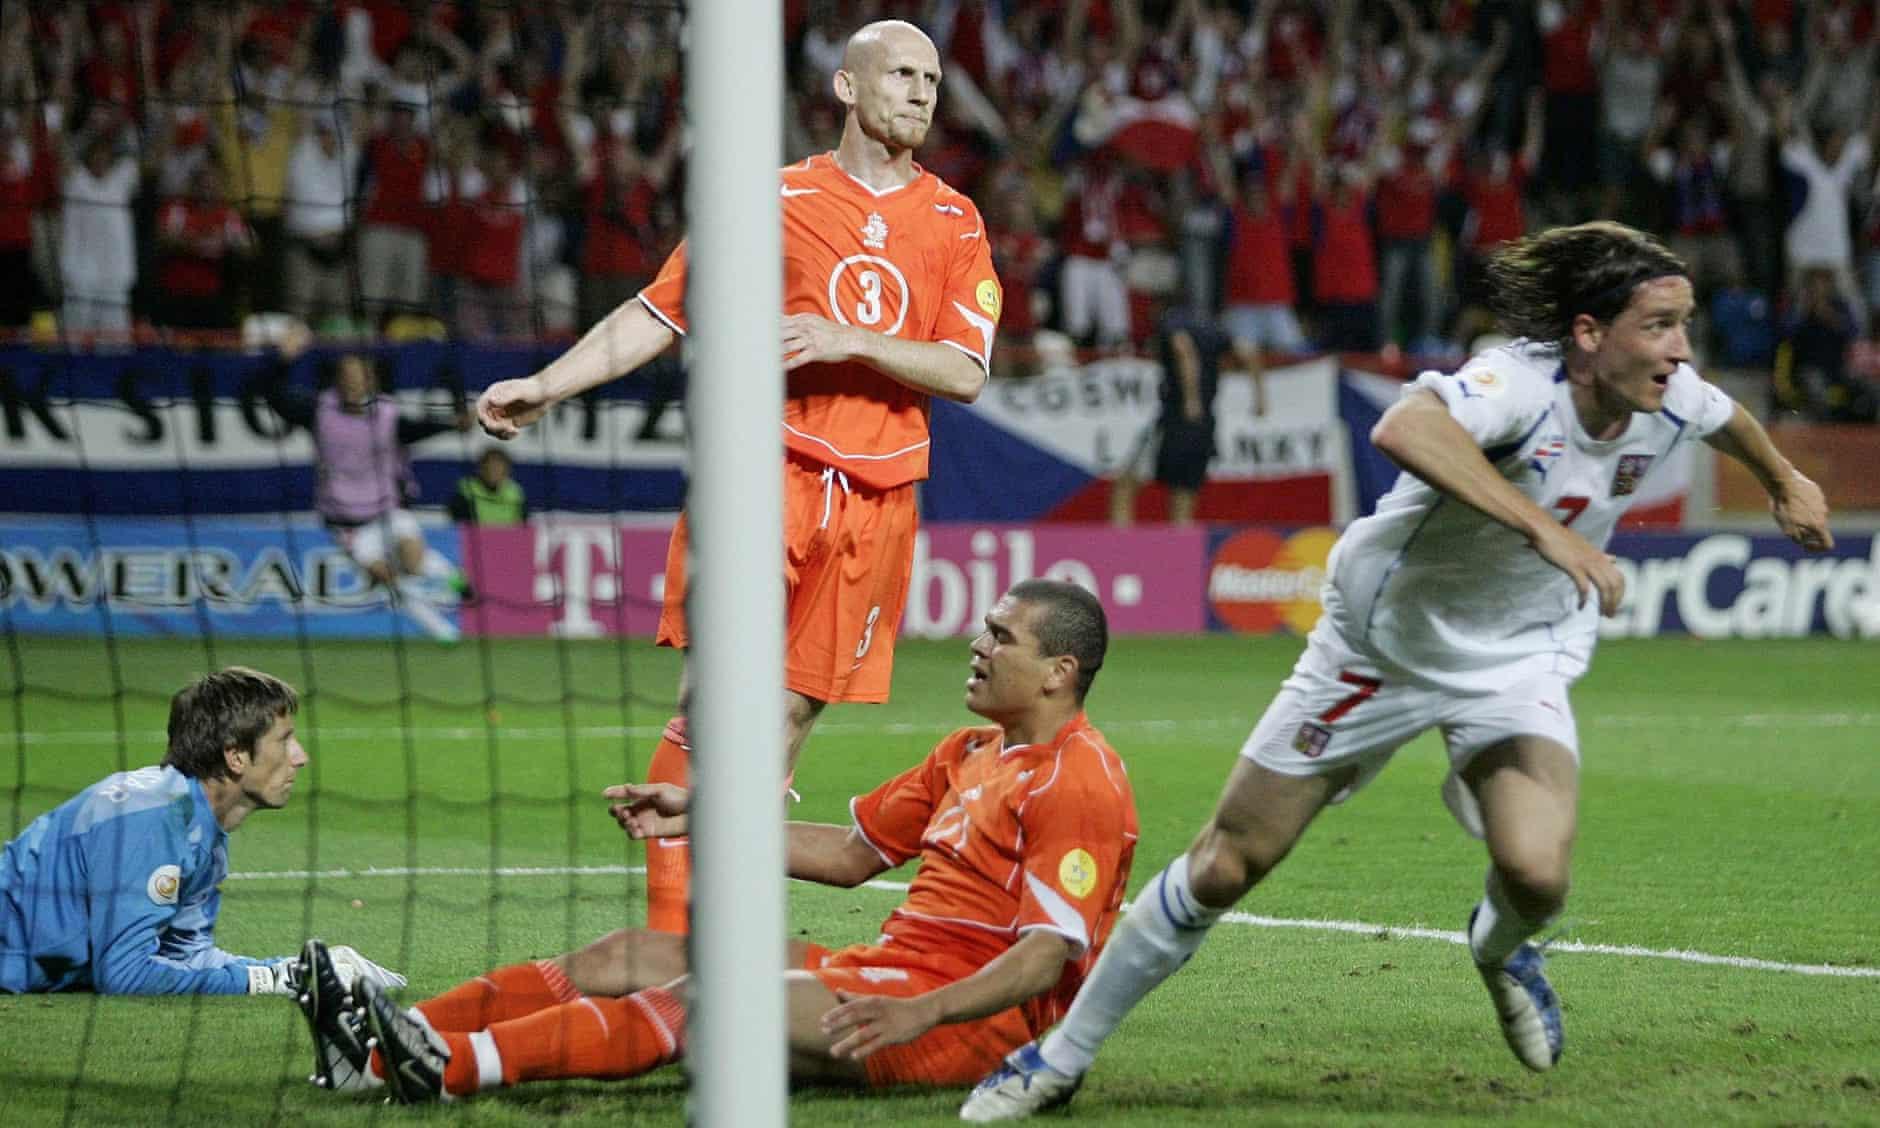 Vladimir Smicer membuat kemenangan 3-2 untuk Republik Ceko melawan Belanda di babak penyisihan grup Euro 2004. Foto: EPA